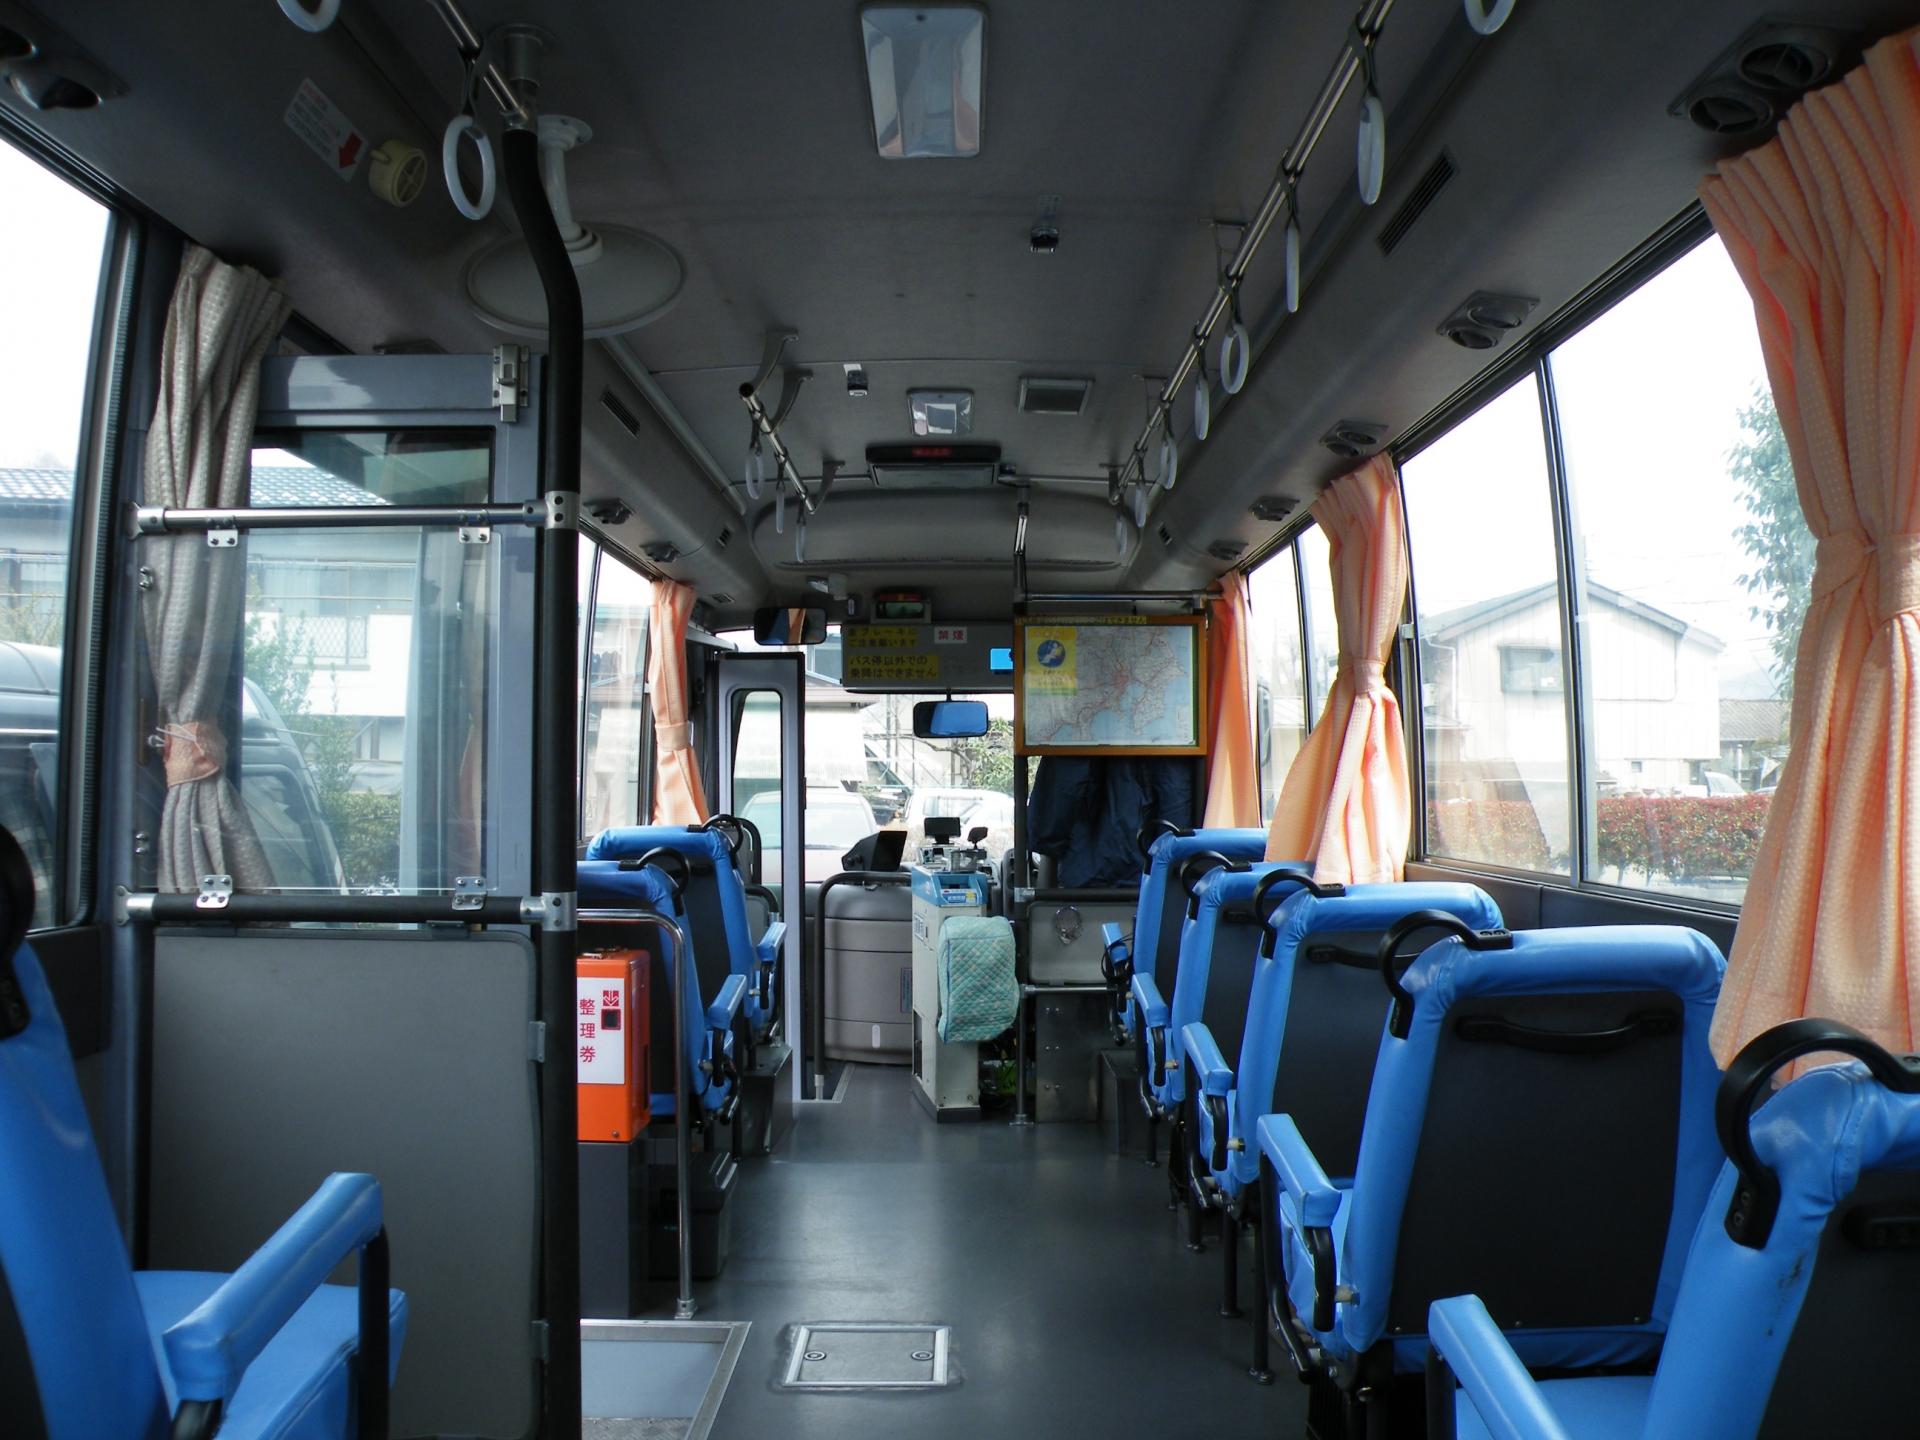 バスの利用・ベビーカーでバスに乗り降りする時のマナーと注意点